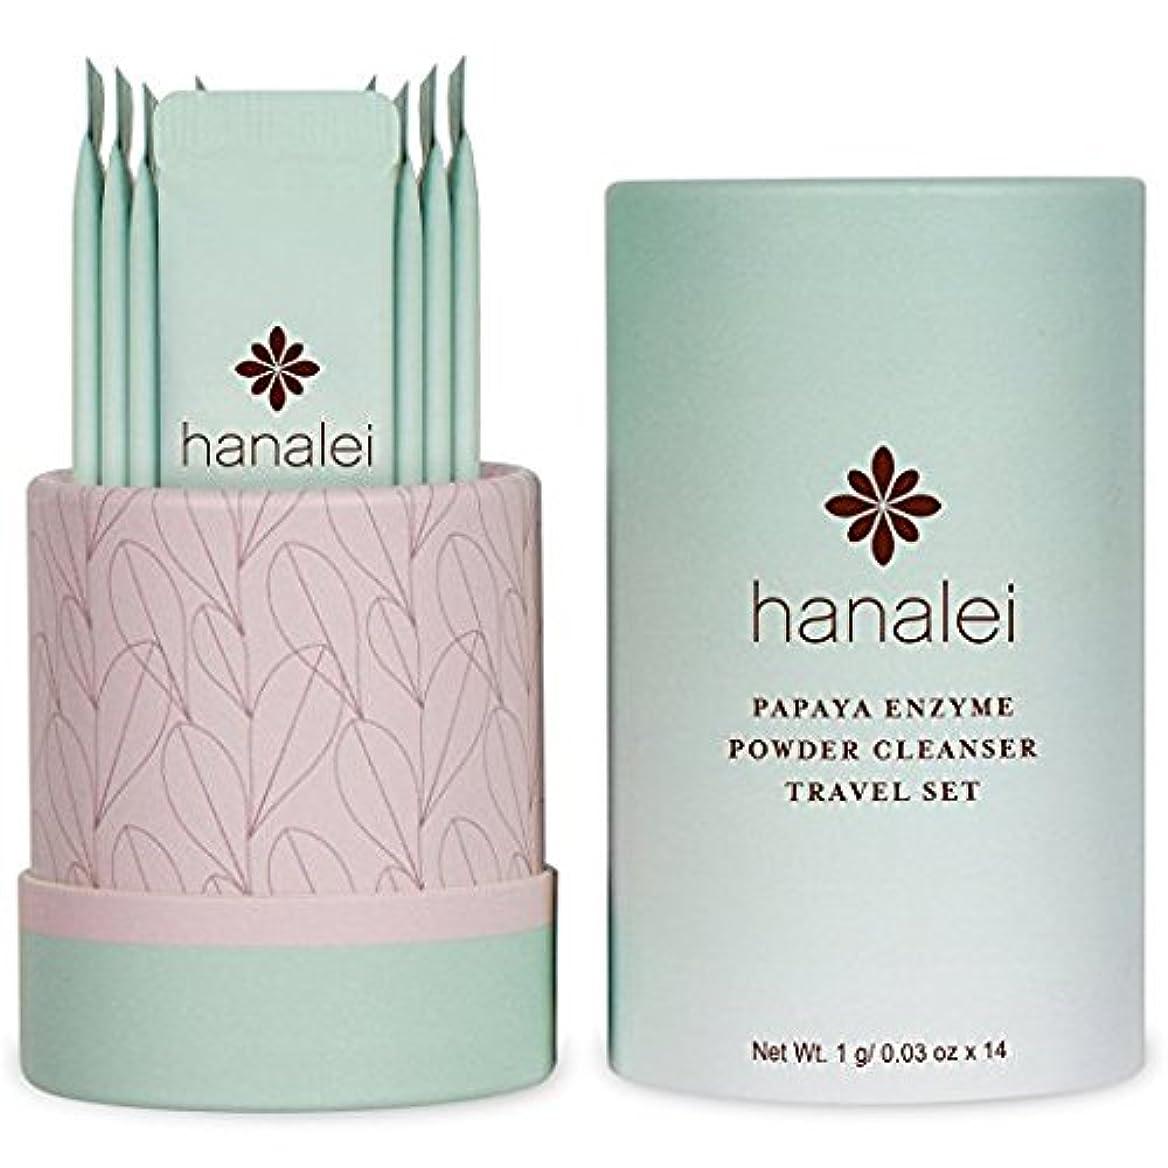 虫を数えるピックボイドHanalei (ハナレイ)パパイヤ酵素洗顔料 1g x 14 パック(Papaya Enzyme Powder Facial Cleanser Travel Set - 14 pack)